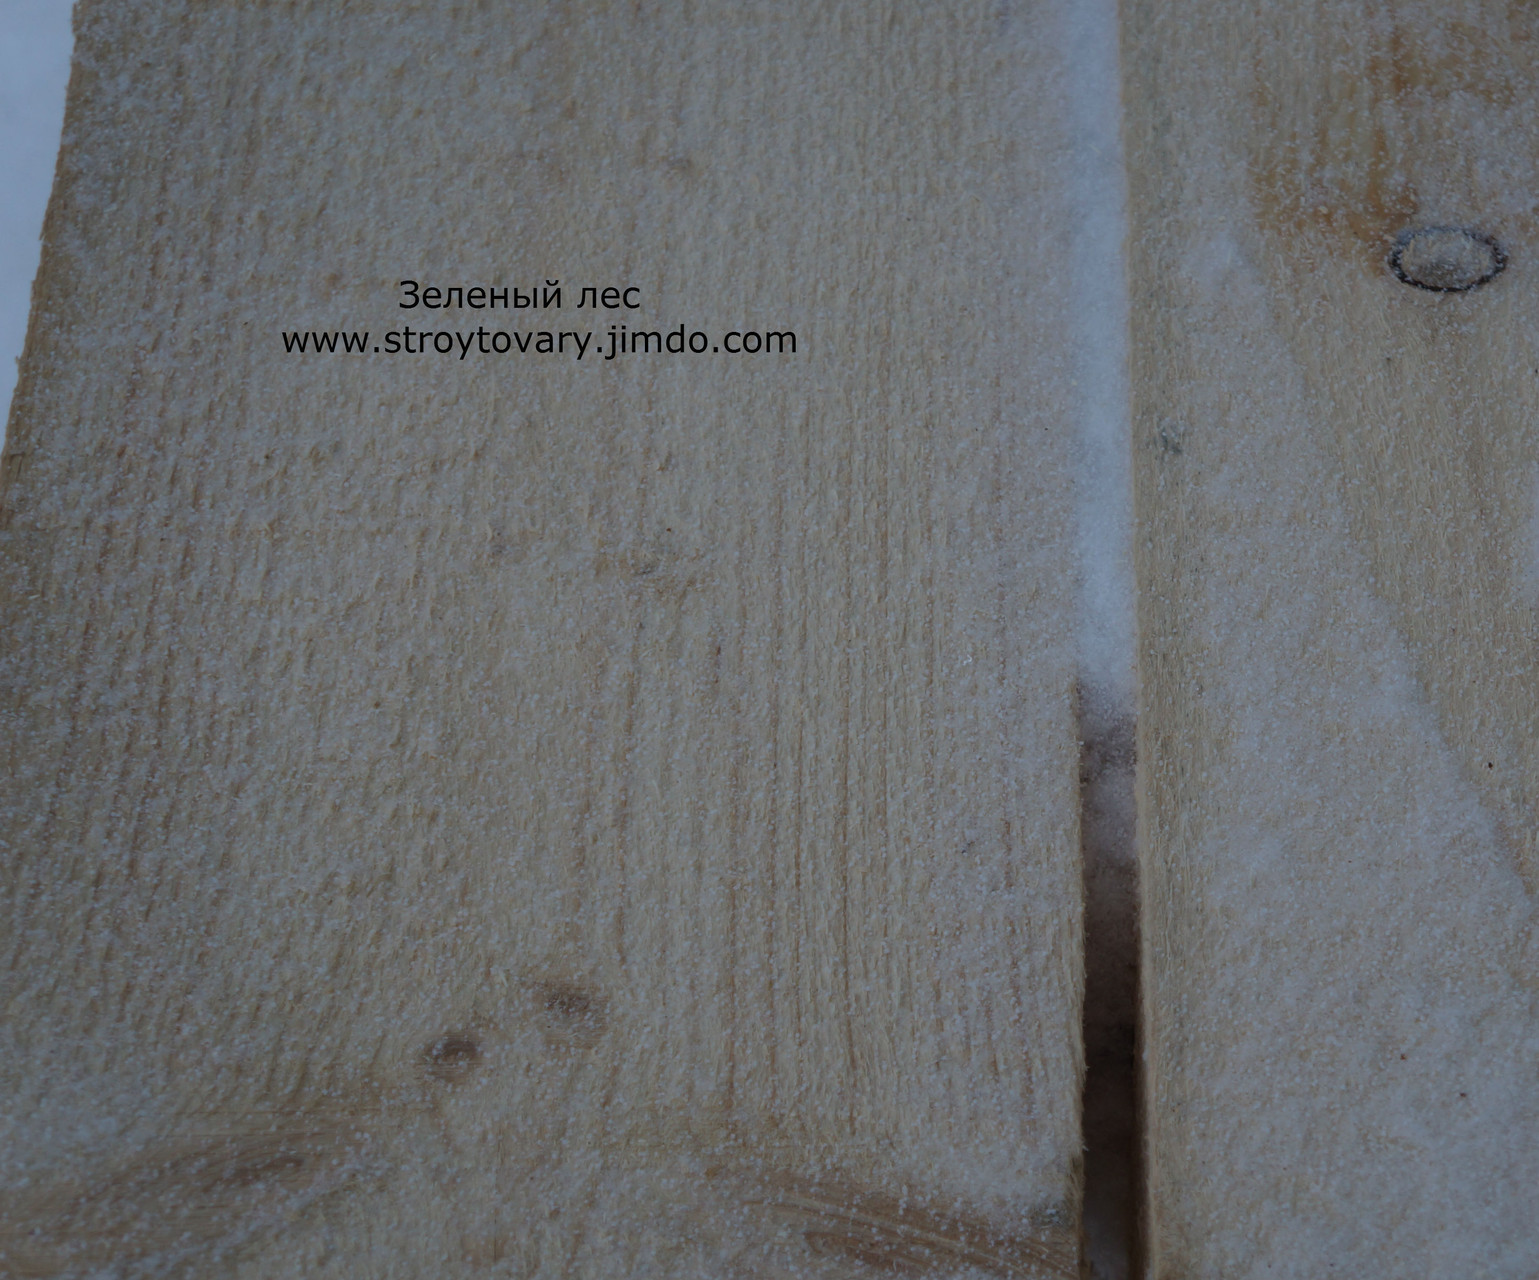 доски купить дешево в рязани